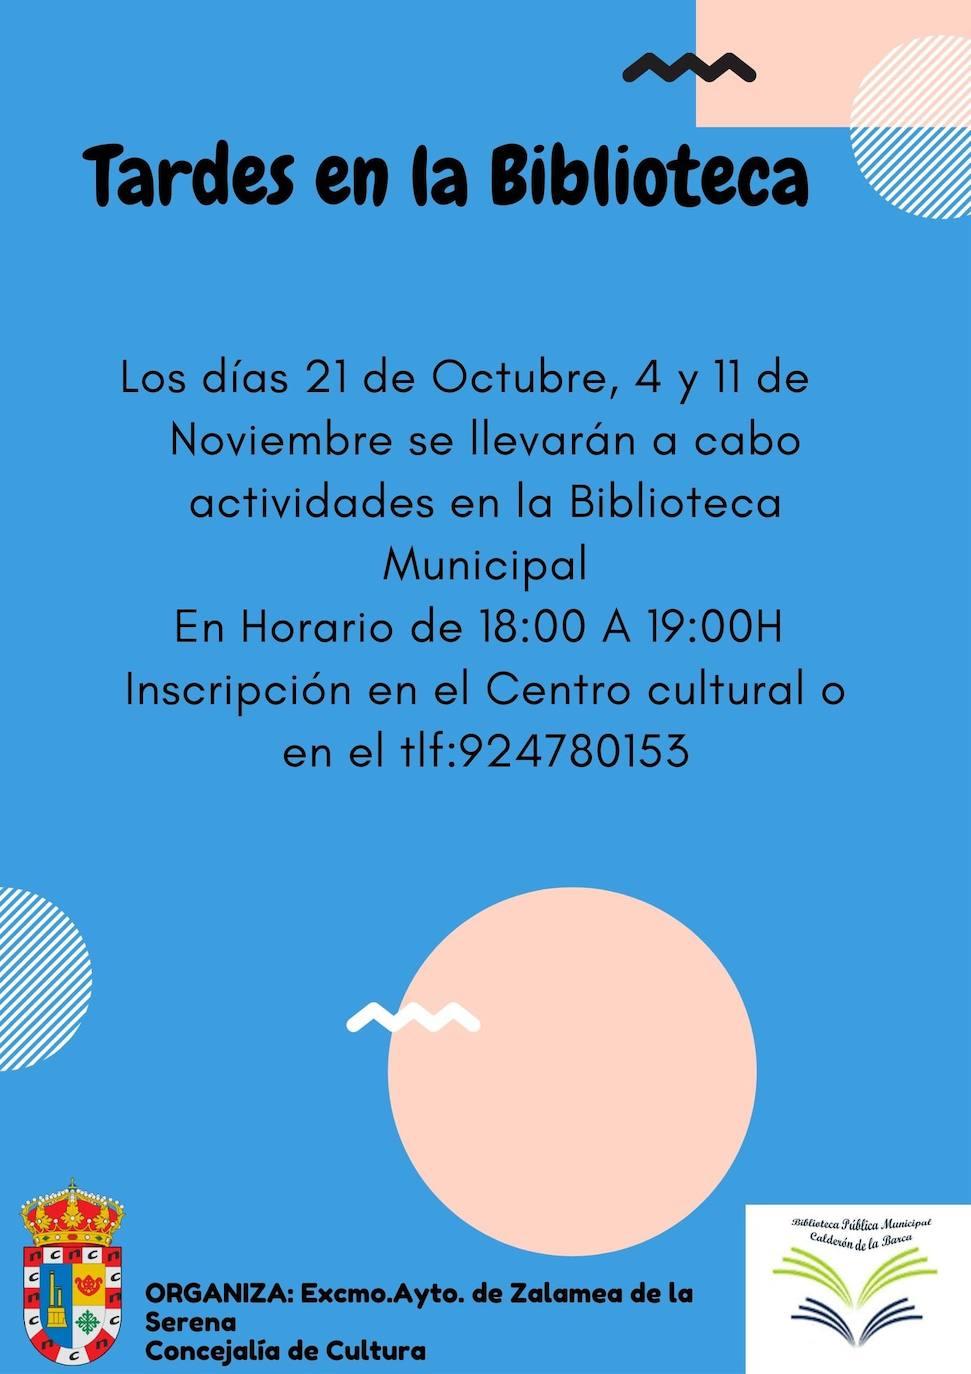 La Biblioteca Municipal acoge actividades para los más pequeños